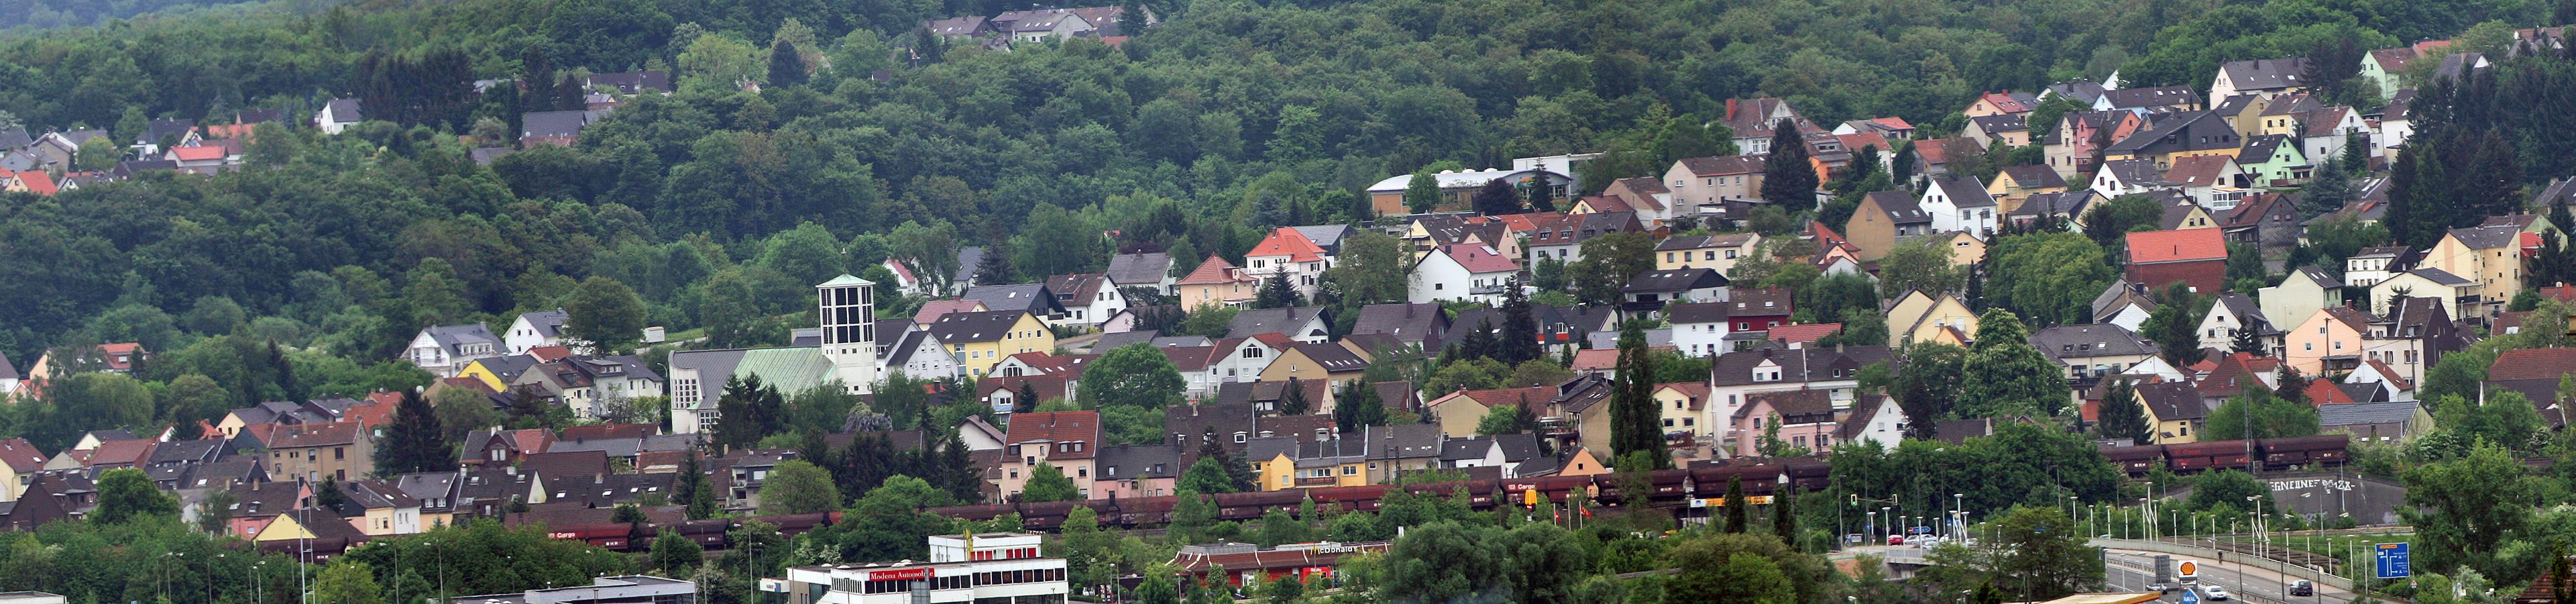 Blick auf Fürstenhausen